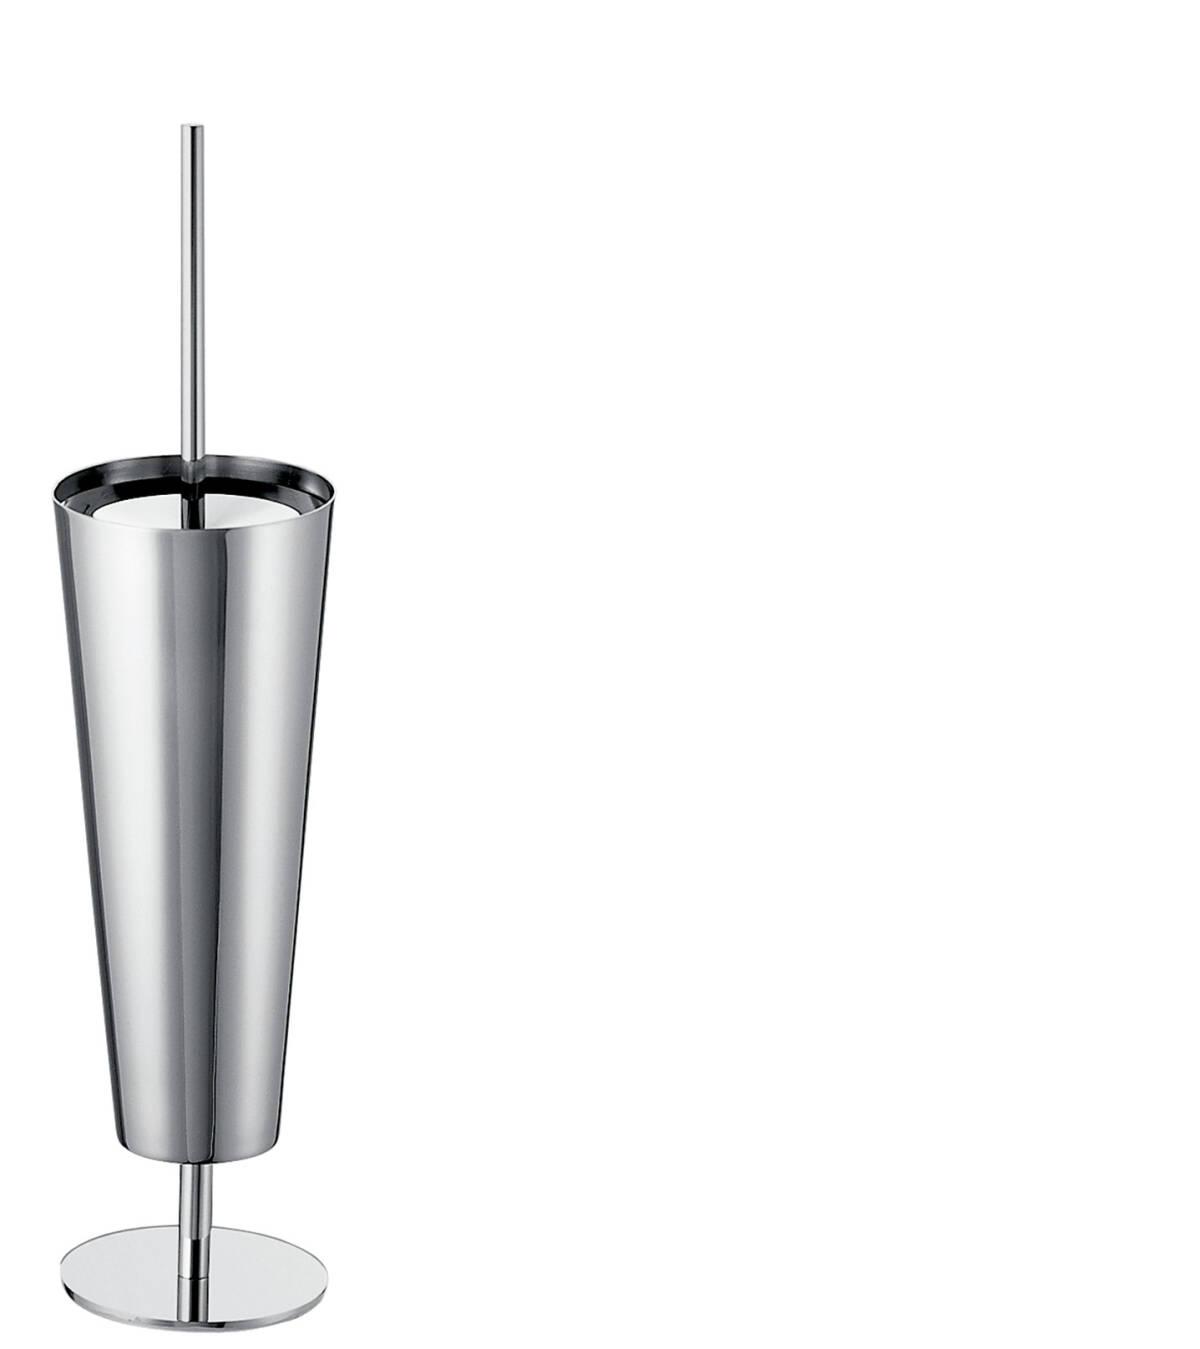 Toilet brush holder floor-standing, Chrome, 40840000